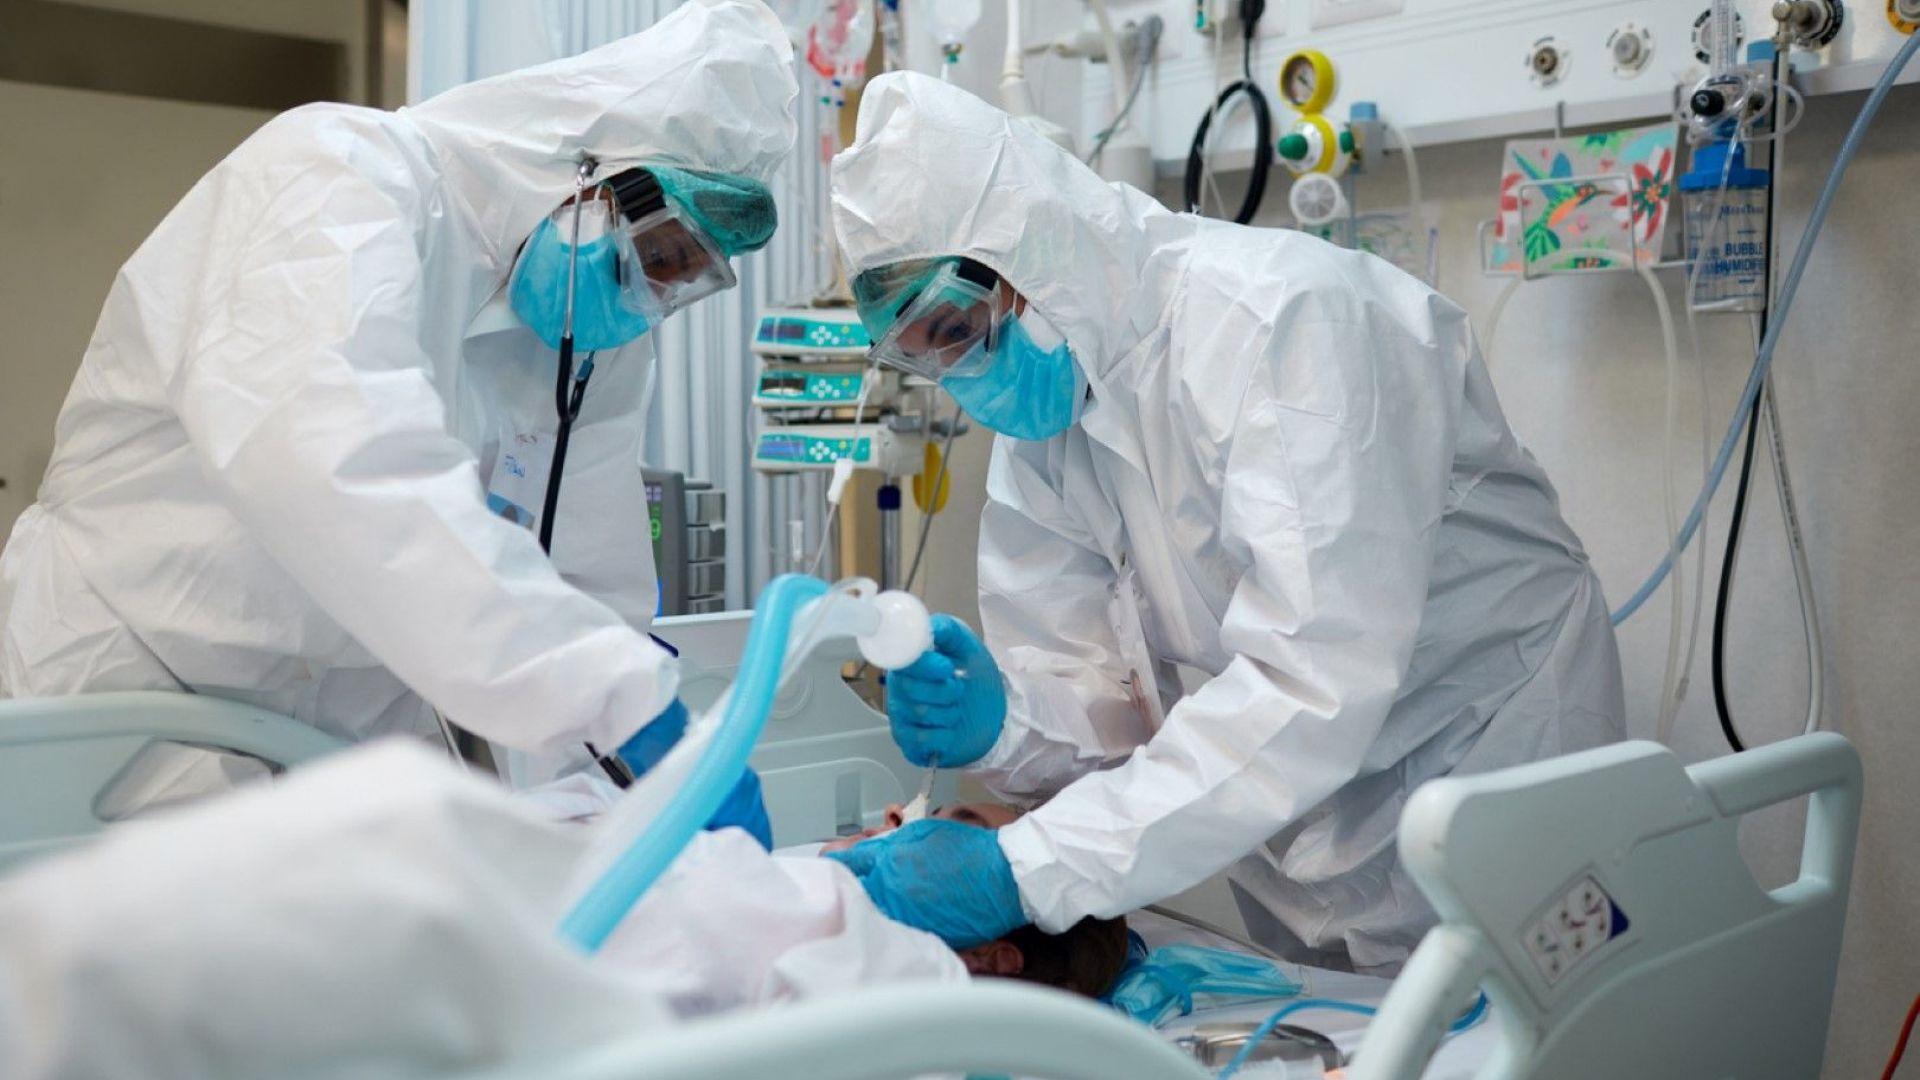 3519 са новите случаи на коронавирус, 44% от тестовете - положителни